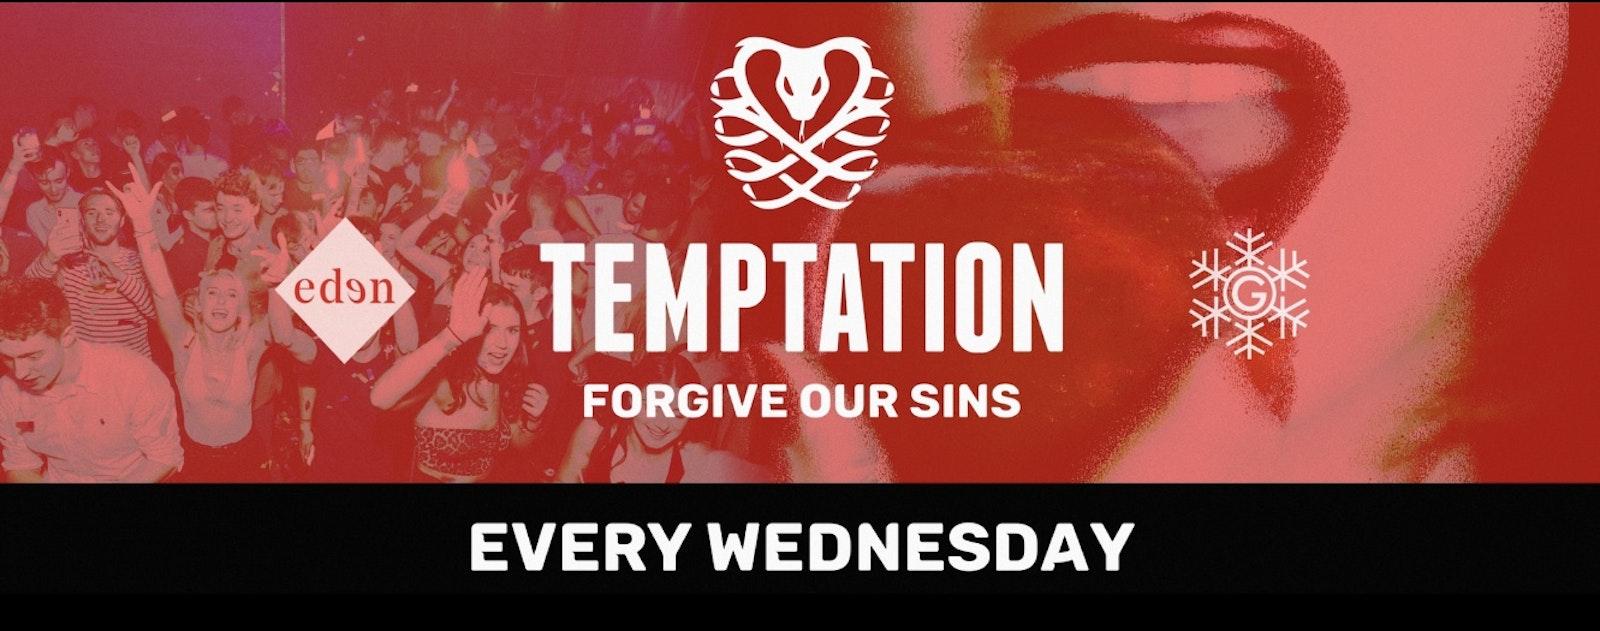 Temptation! The Garden Of Eden!